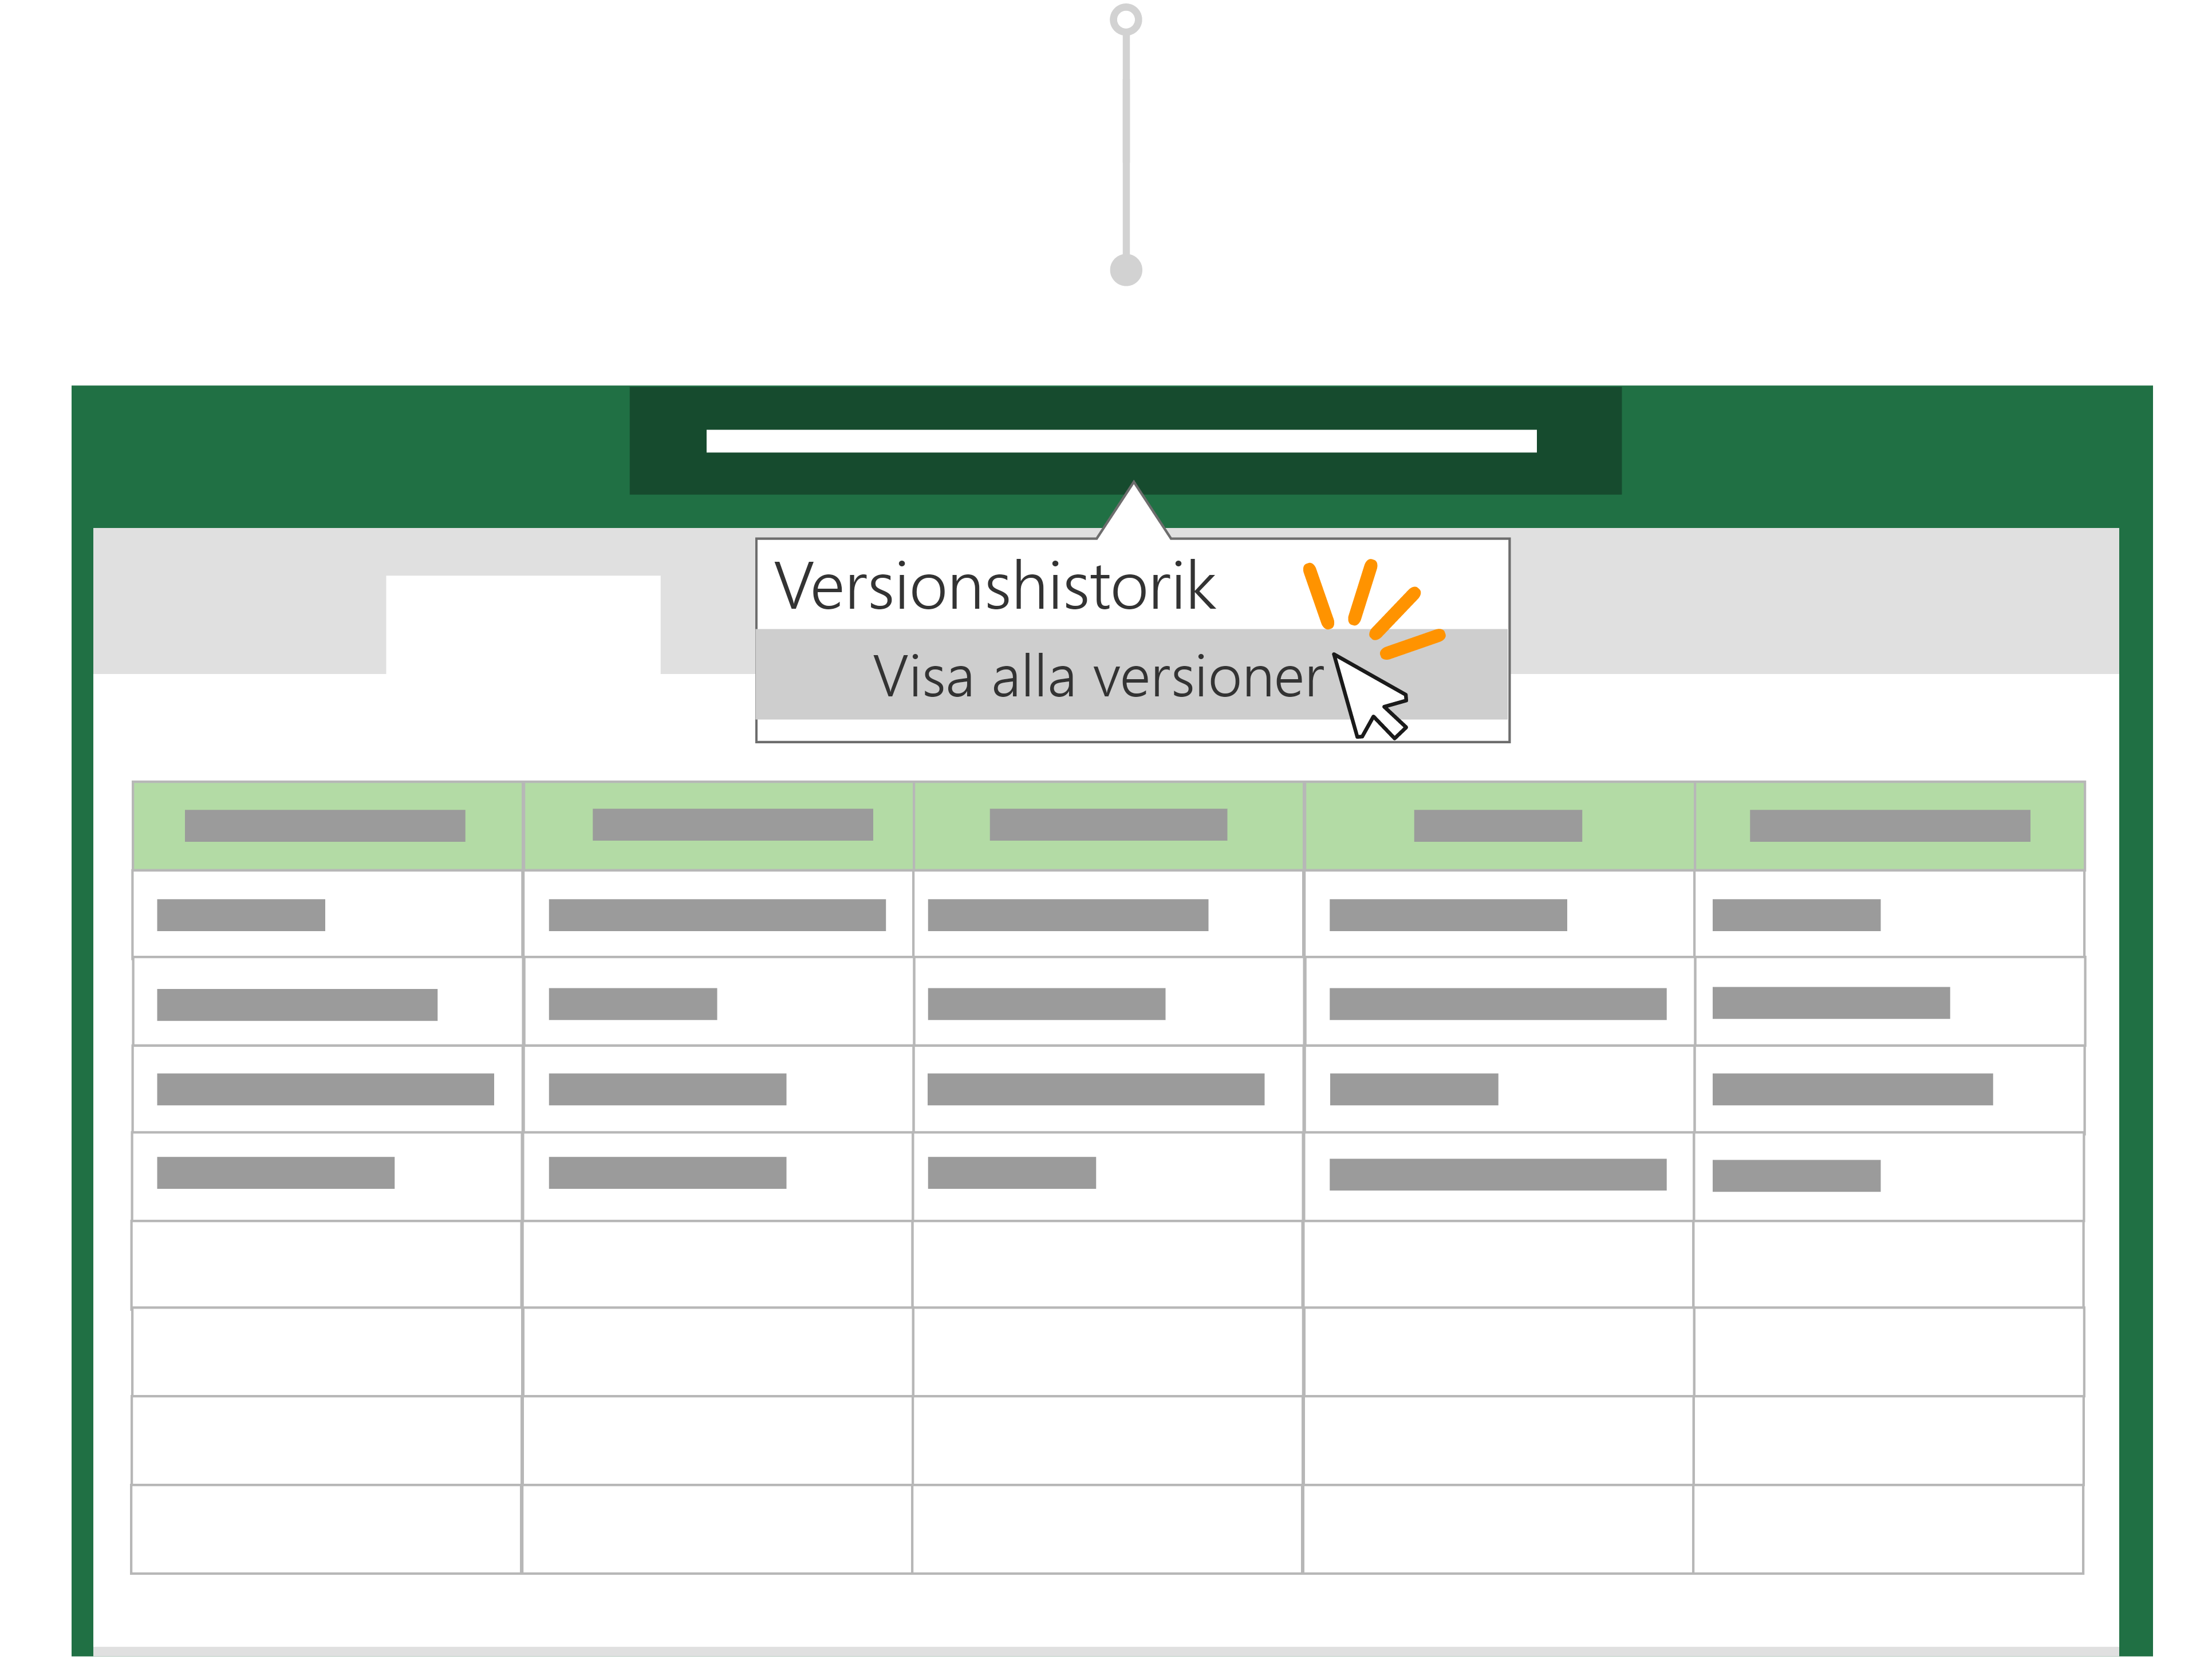 Använda versionshistorik för att gå tillbaka till en tidigare version av en fil.